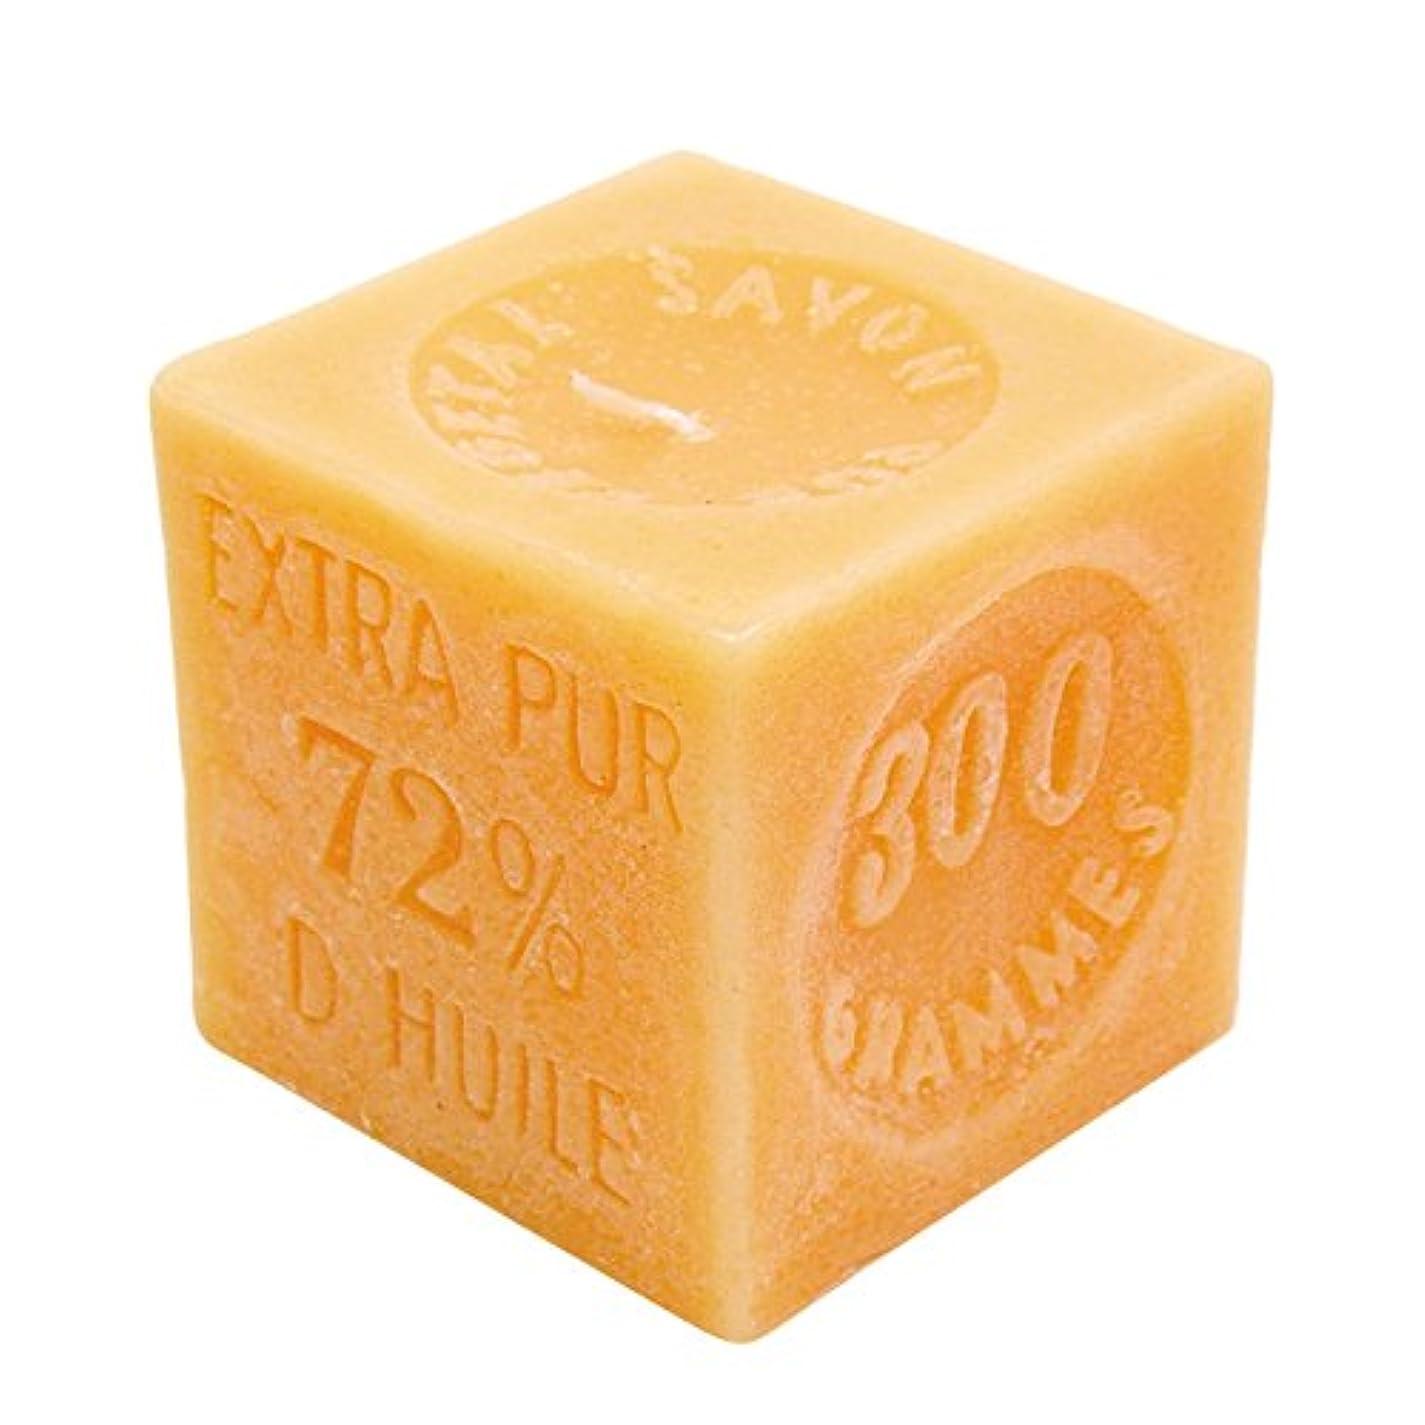 熟練した答え大腿マルセイユソープキャンドル フローラル&フルーティ 285g(ろうそく 燃焼時間約30時間)